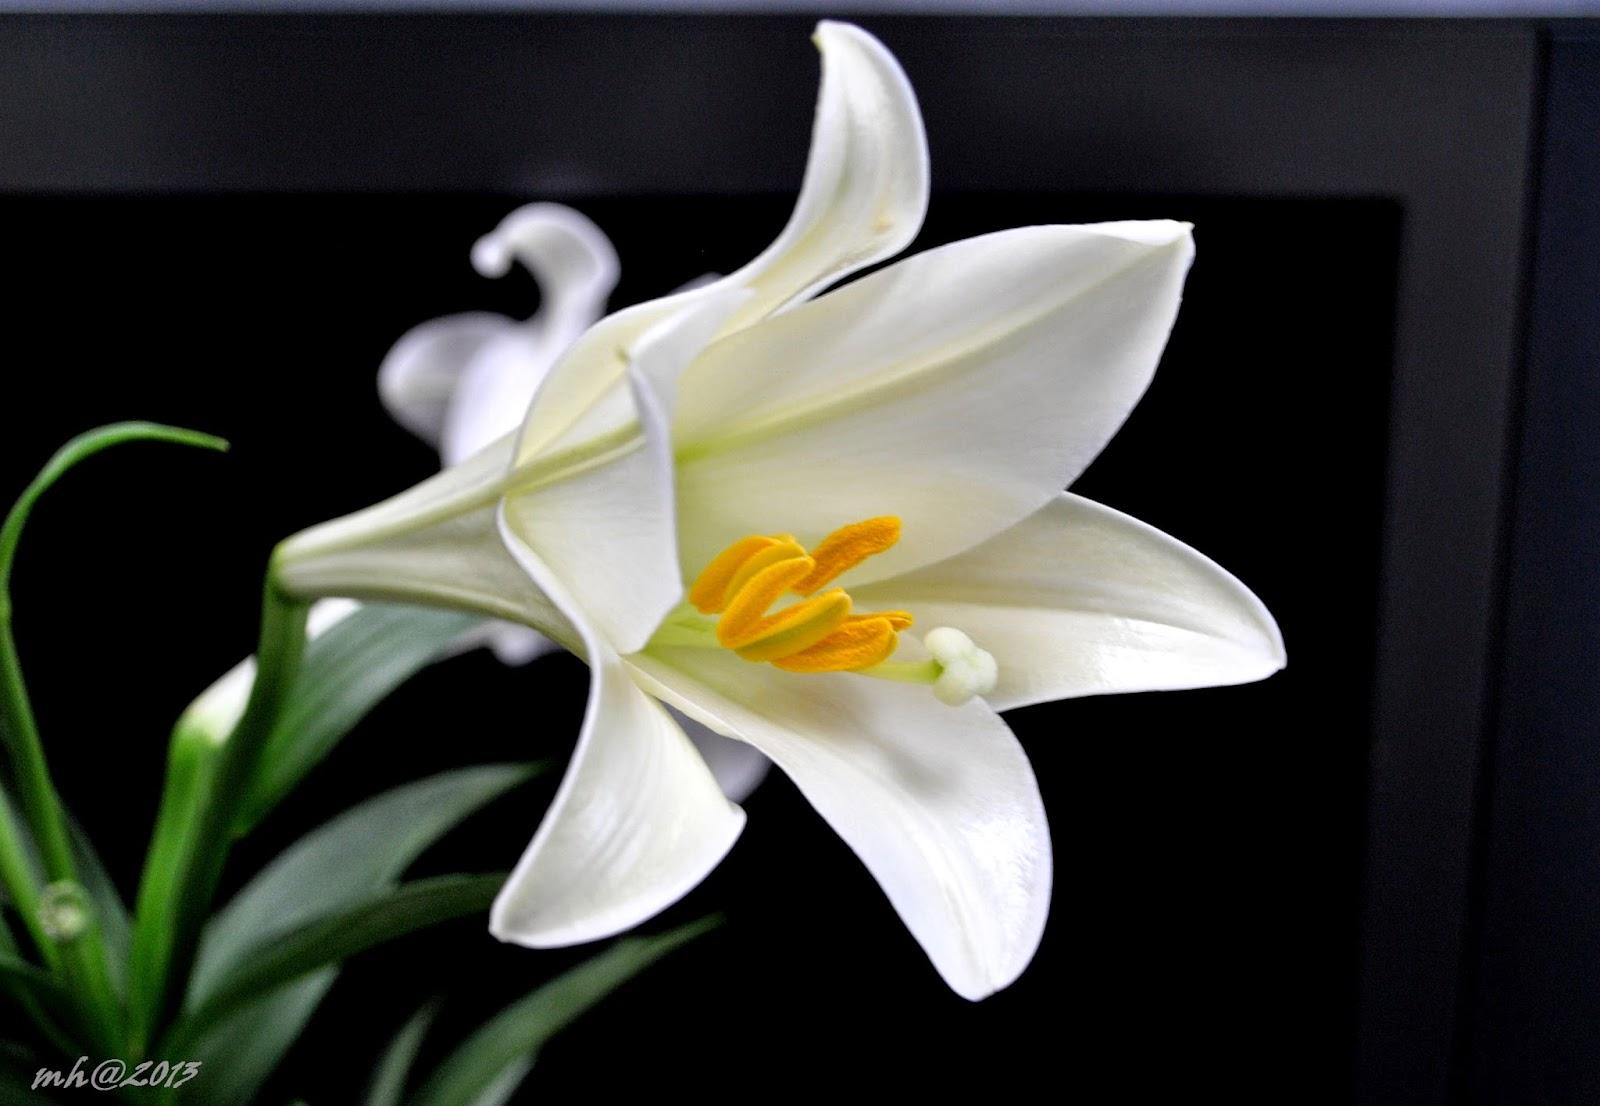 Bông hoa huệ trắng nở rộ cực đẹp